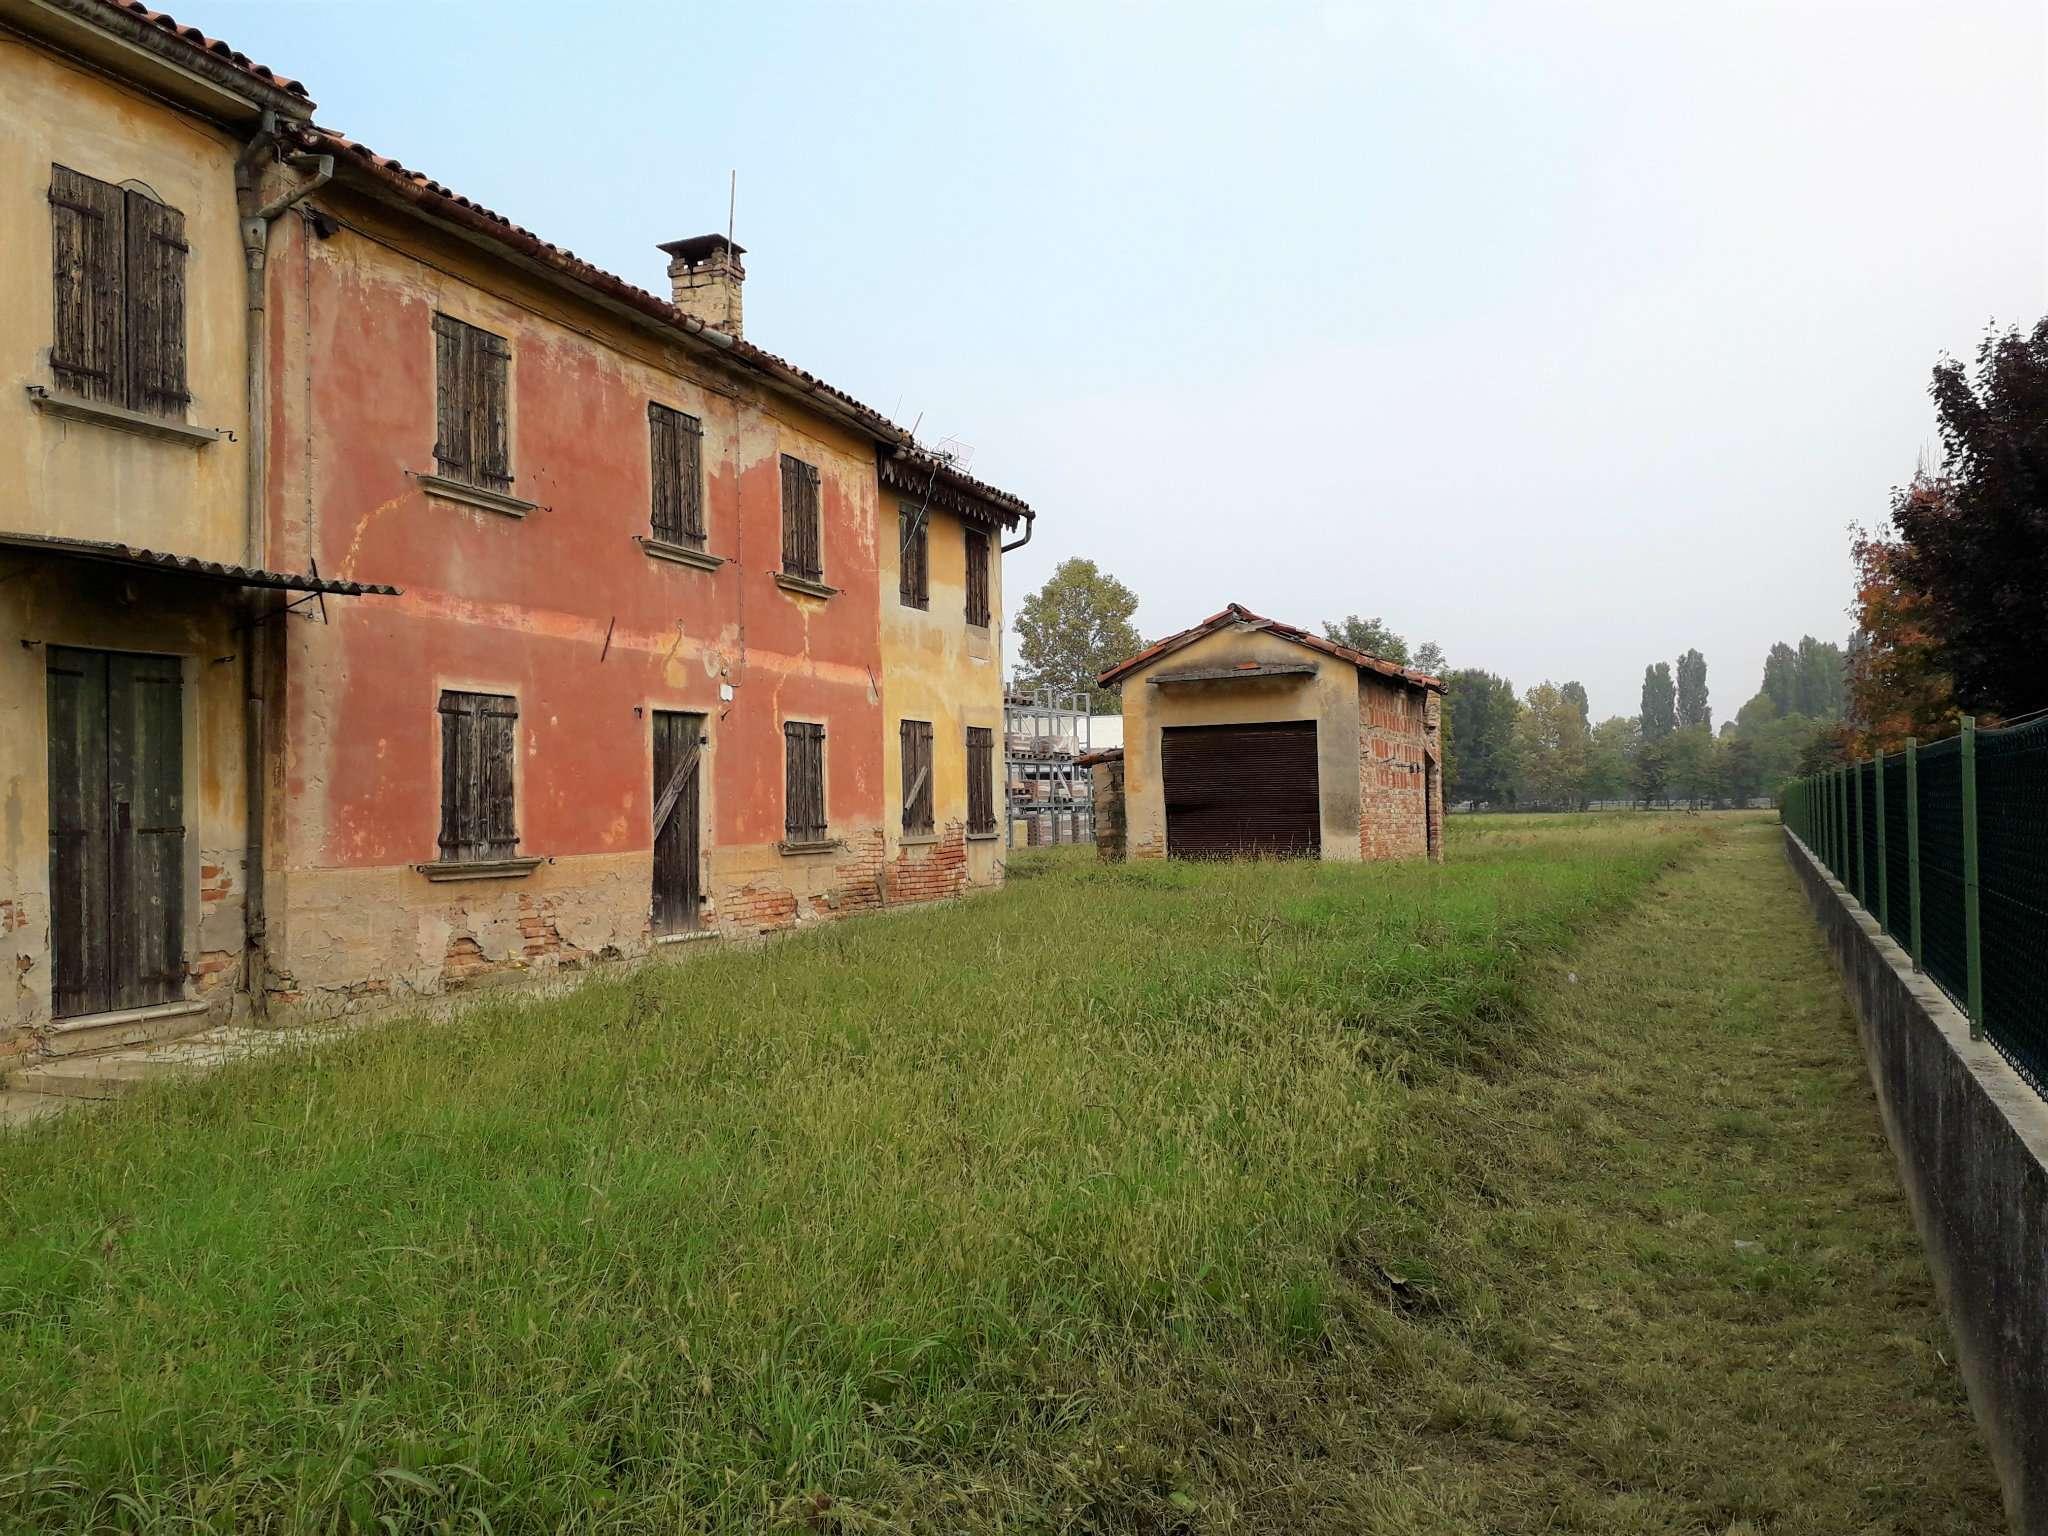 Soluzione Indipendente in vendita a Mirano, 9999 locali, prezzo € 89.000 | CambioCasa.it